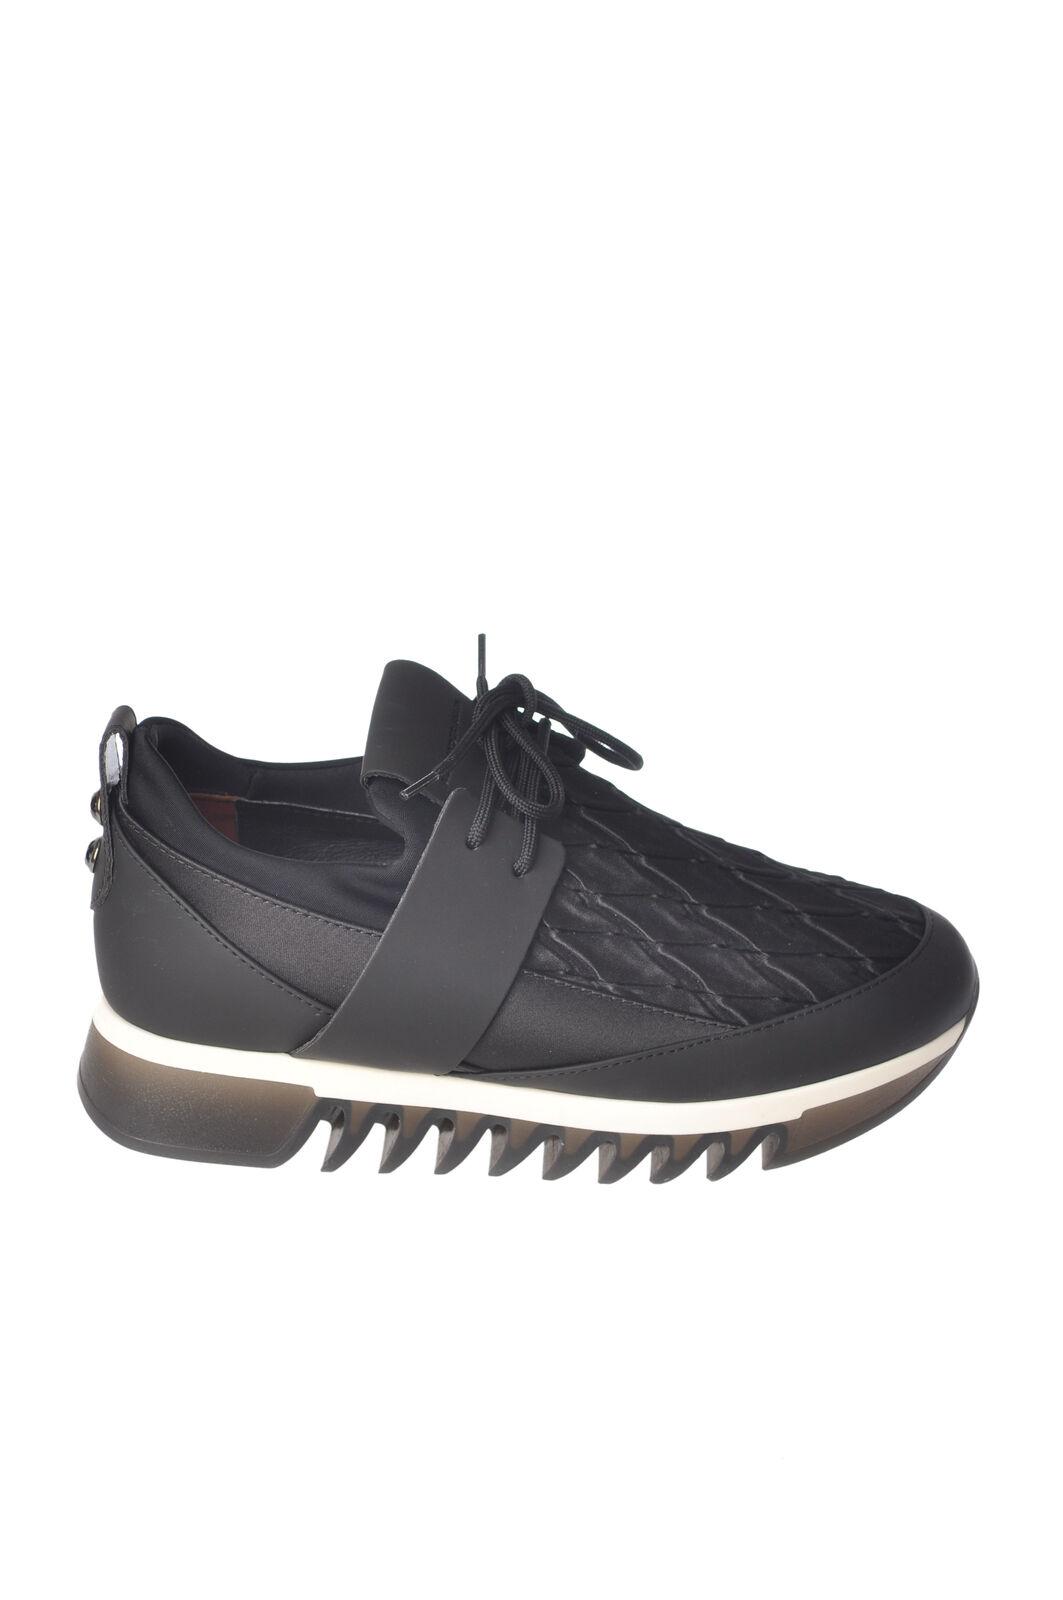 Alexander Smith-Zapatos-Zapatillas bajo bajo bajo mujer-negro - 4210717C185233  servicio considerado